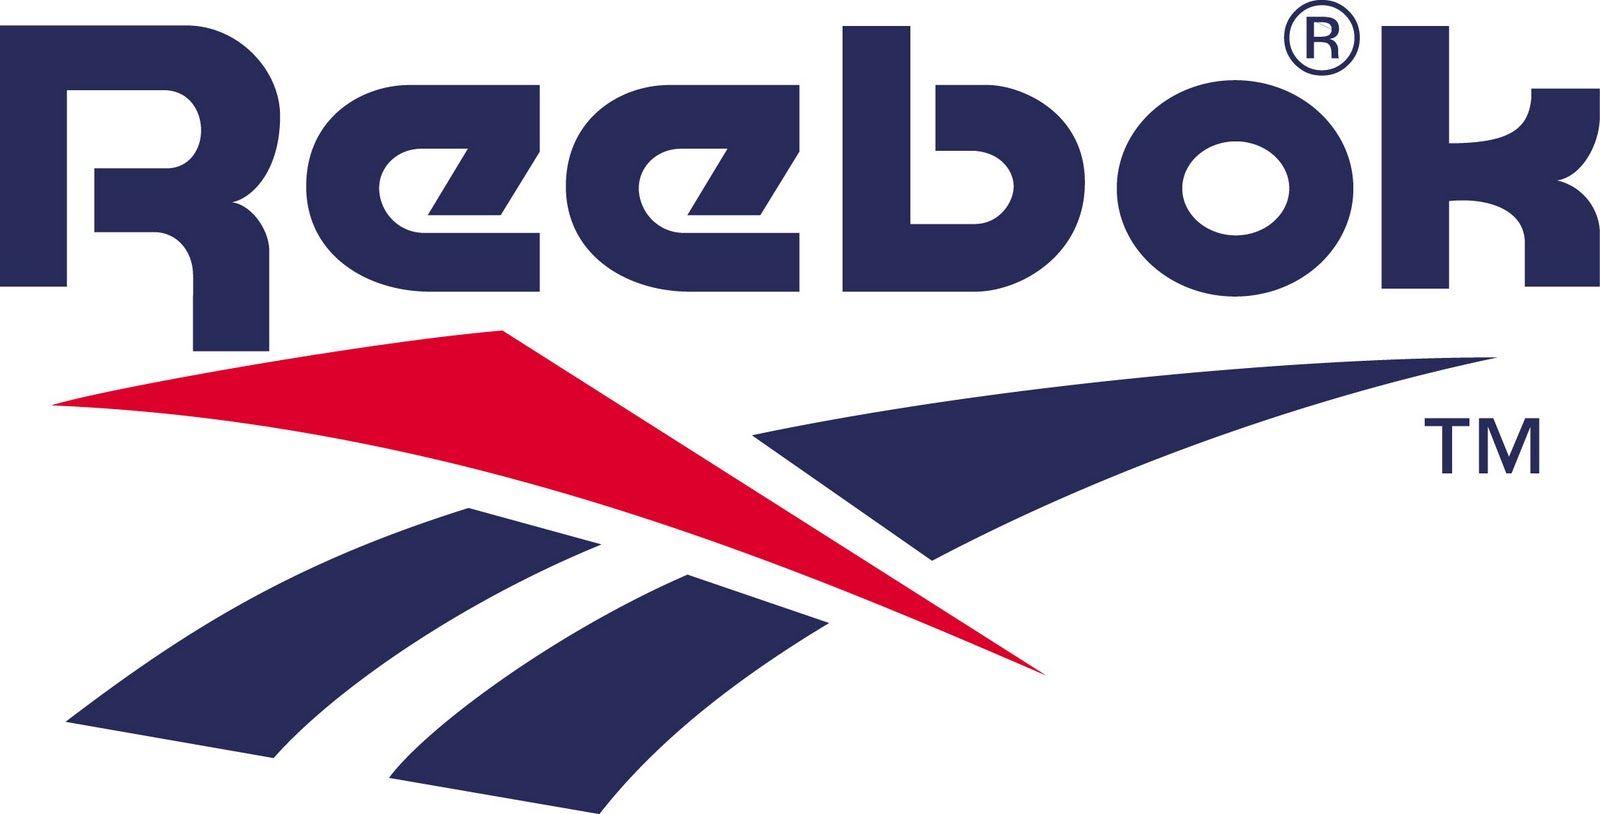 Reebok Onlineshop: 35% über Corporate Benefits